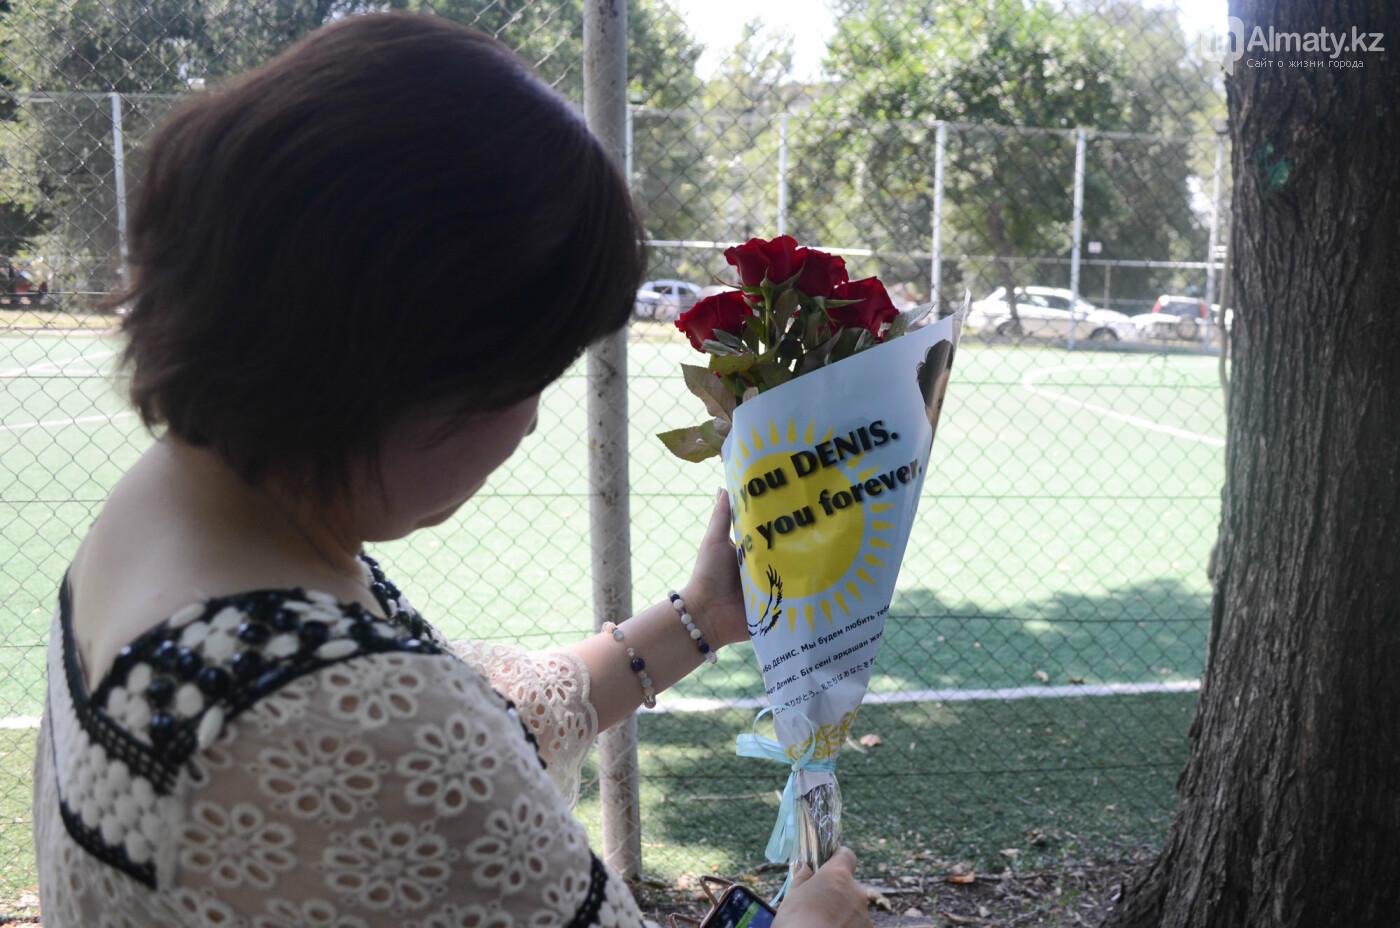 Родственники Дениса Тена и звезды фигурного катания почтили память фигуриста в Алматы, фото-2